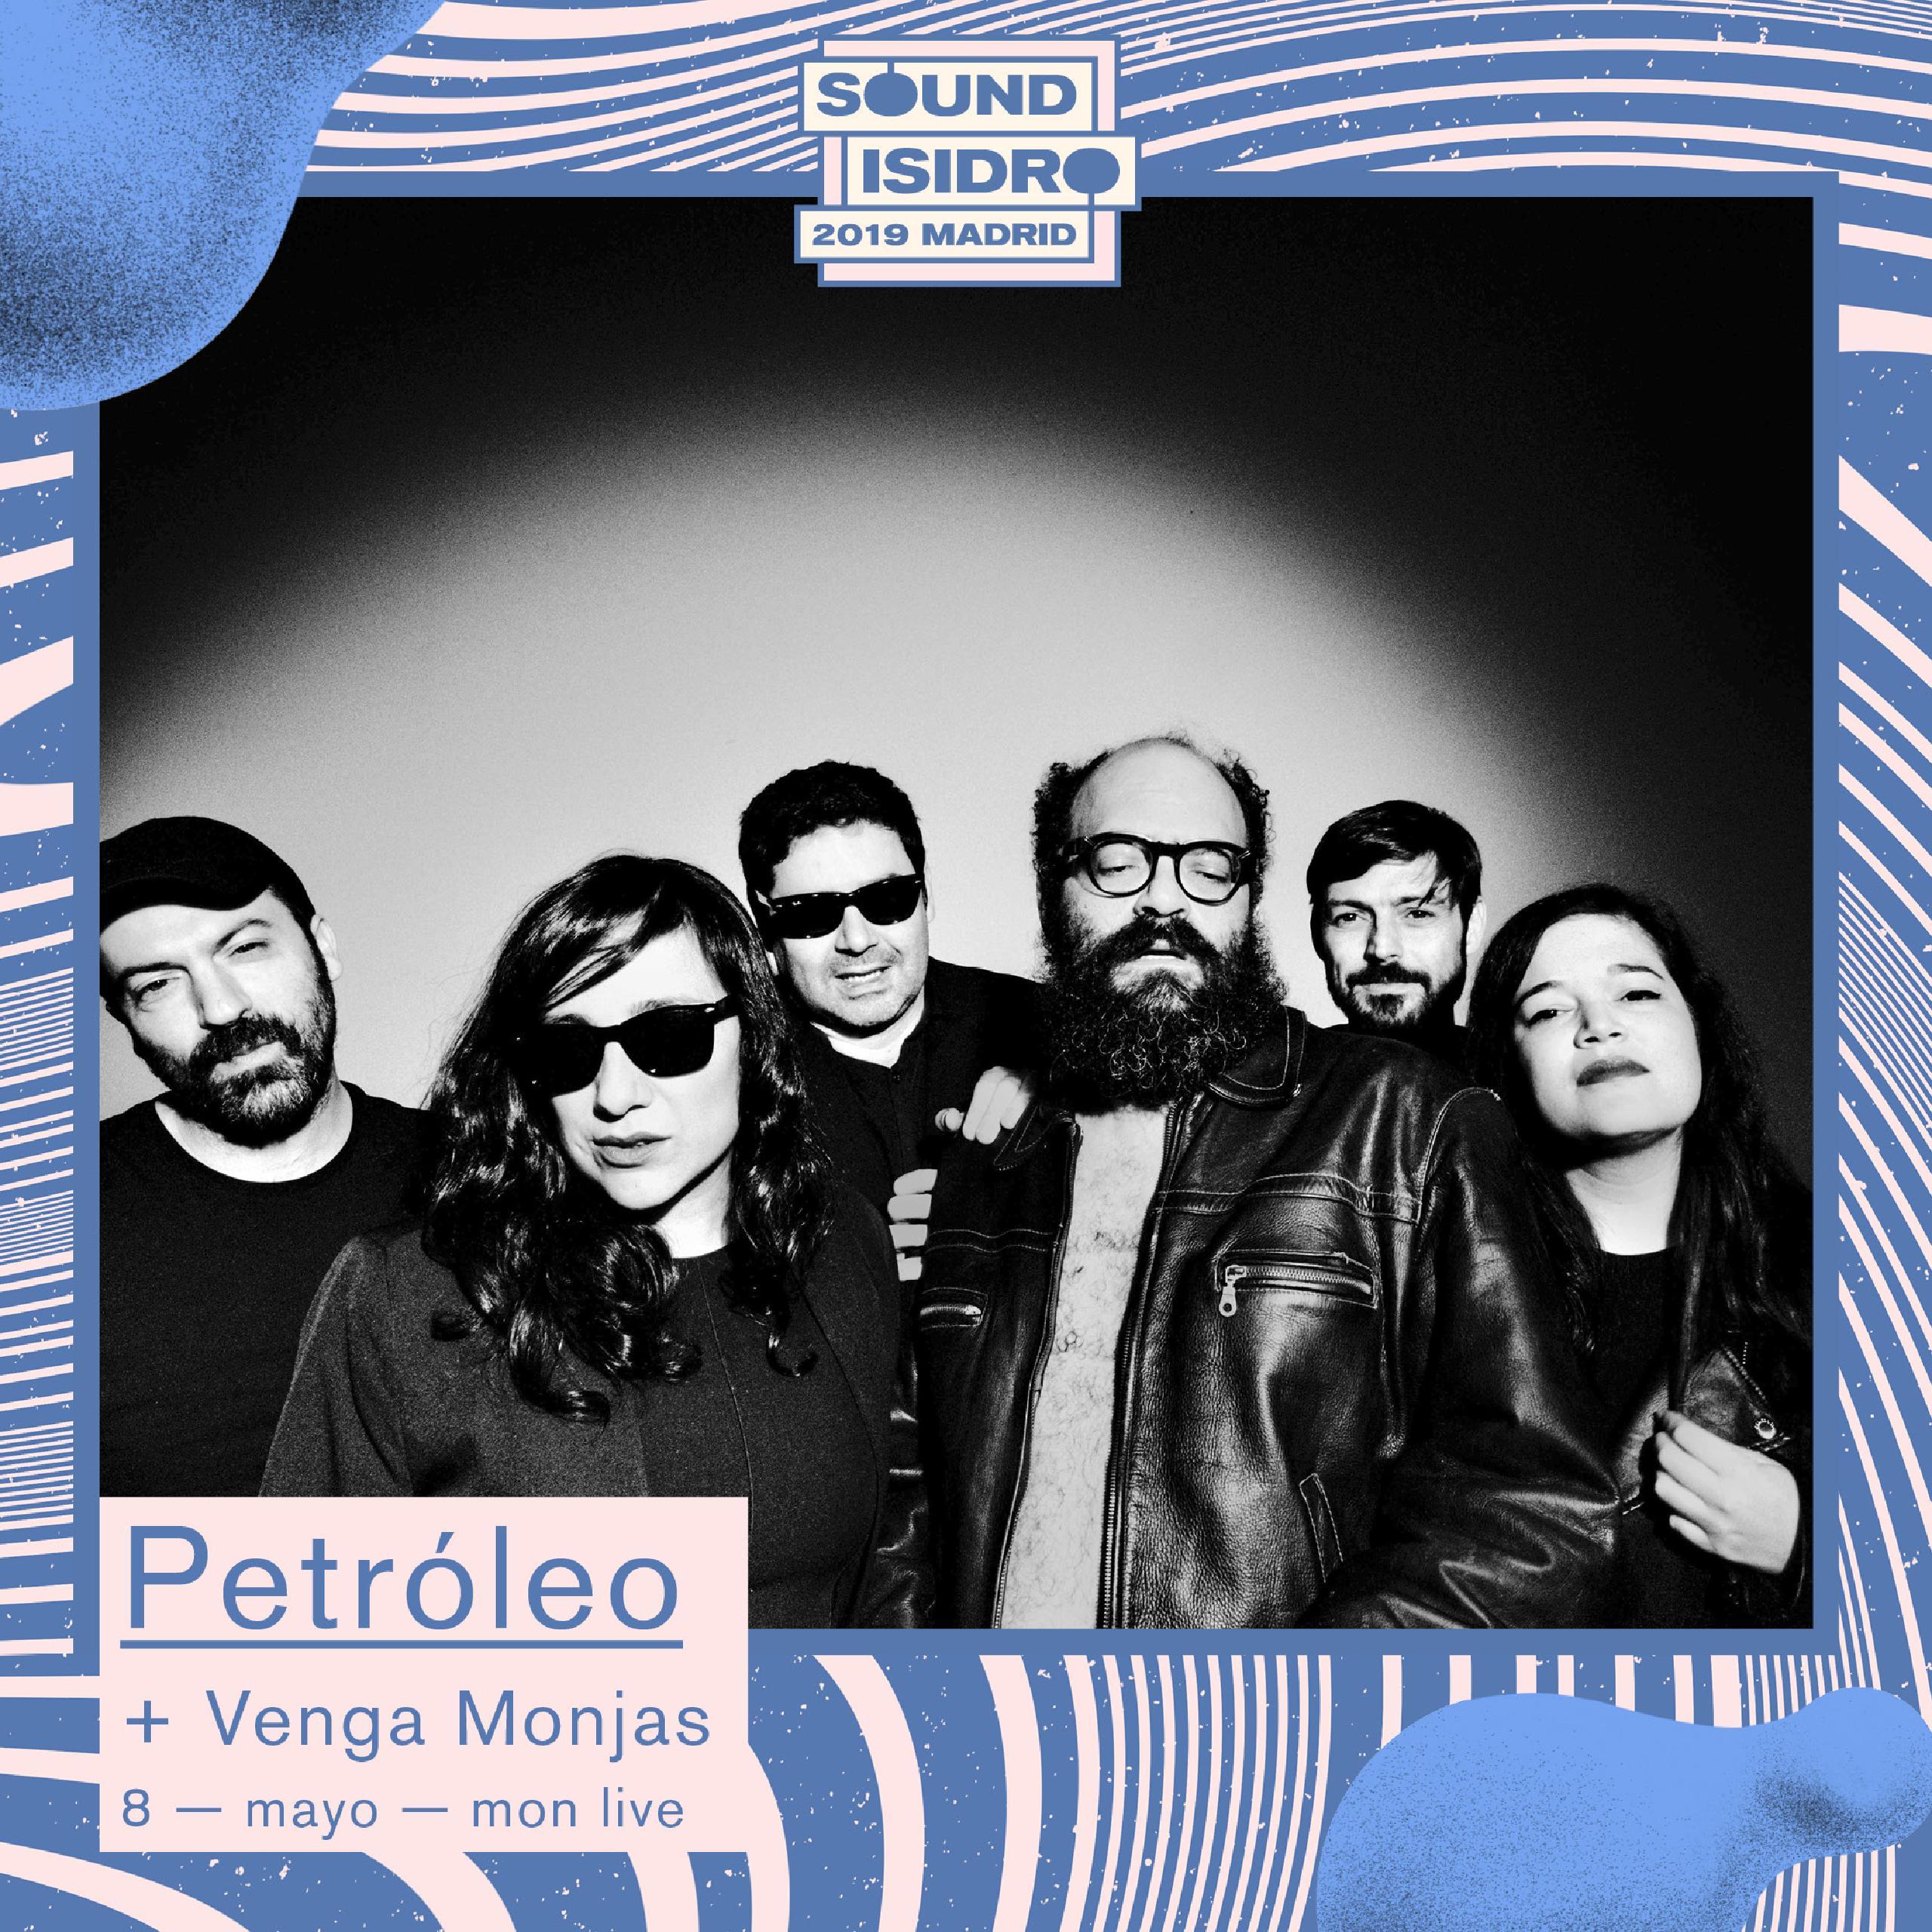 Petróleo concierto Madrid Mon Live Sound Isidro